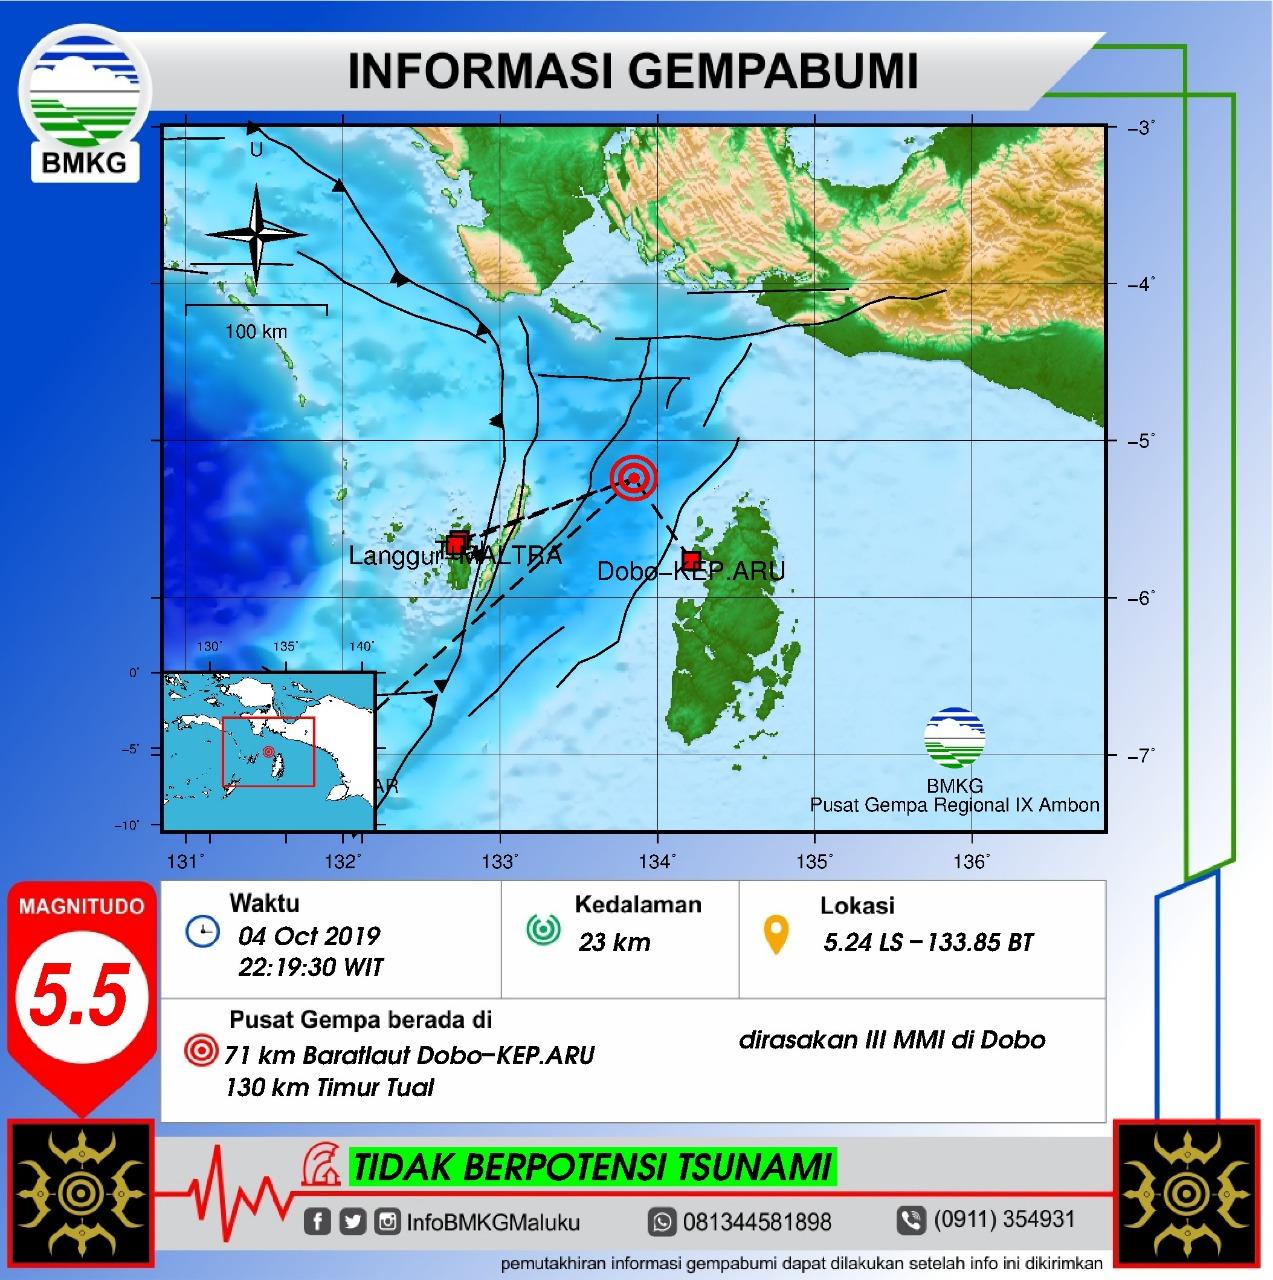 Gempa Bumi Tektonik M 5,5 Guncang Wilayah Kepulauan Aru